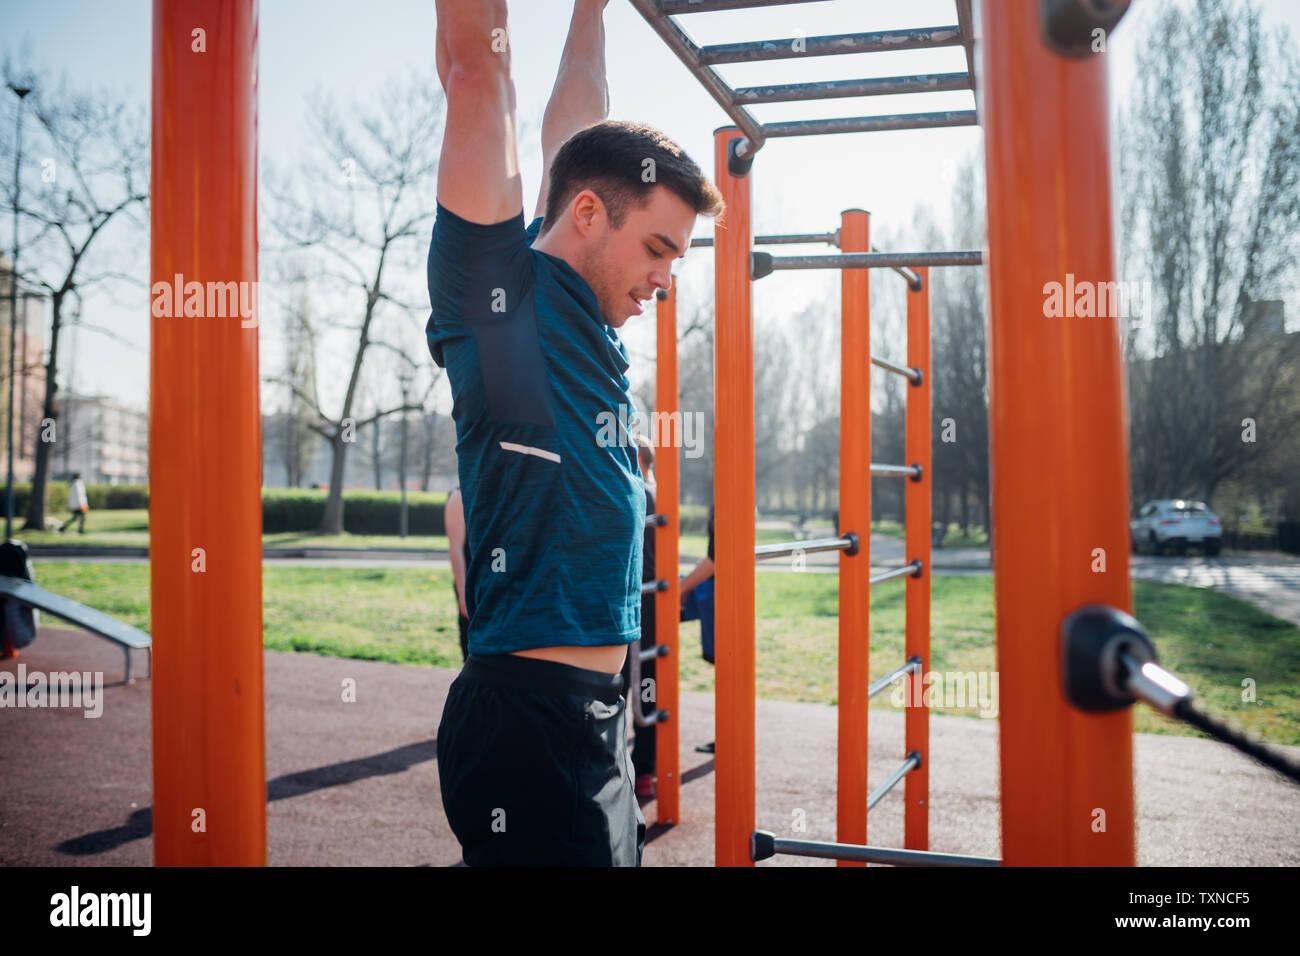 Calistenia en el gimnasio exterior, joven colgando de equipamiento de ejercicio Imagen De Stock